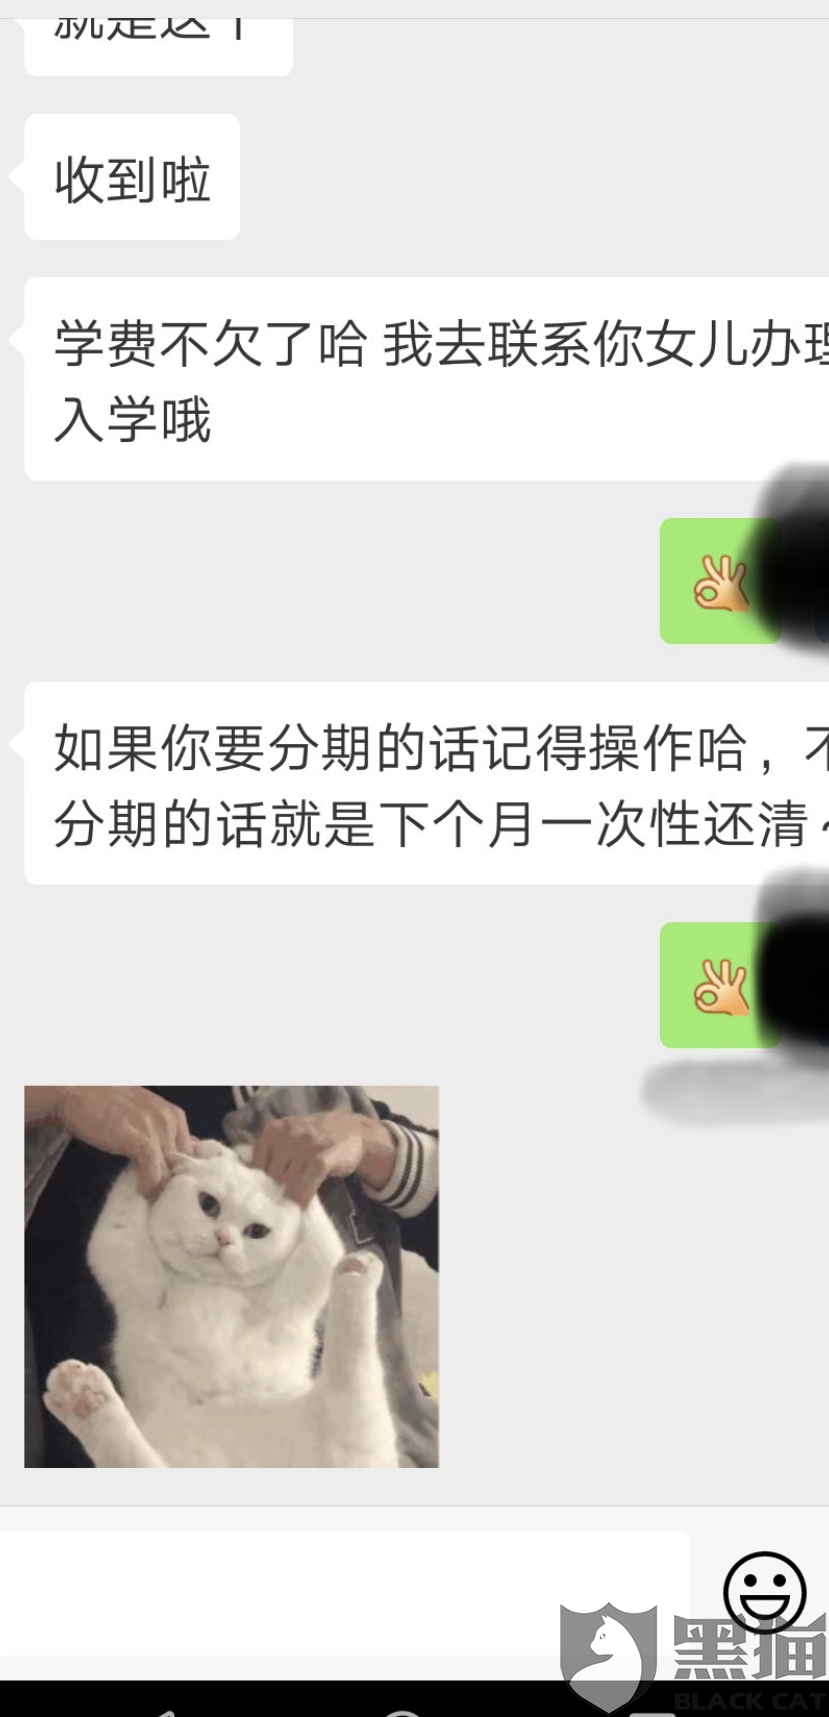 黑猫投诉:潭州教育